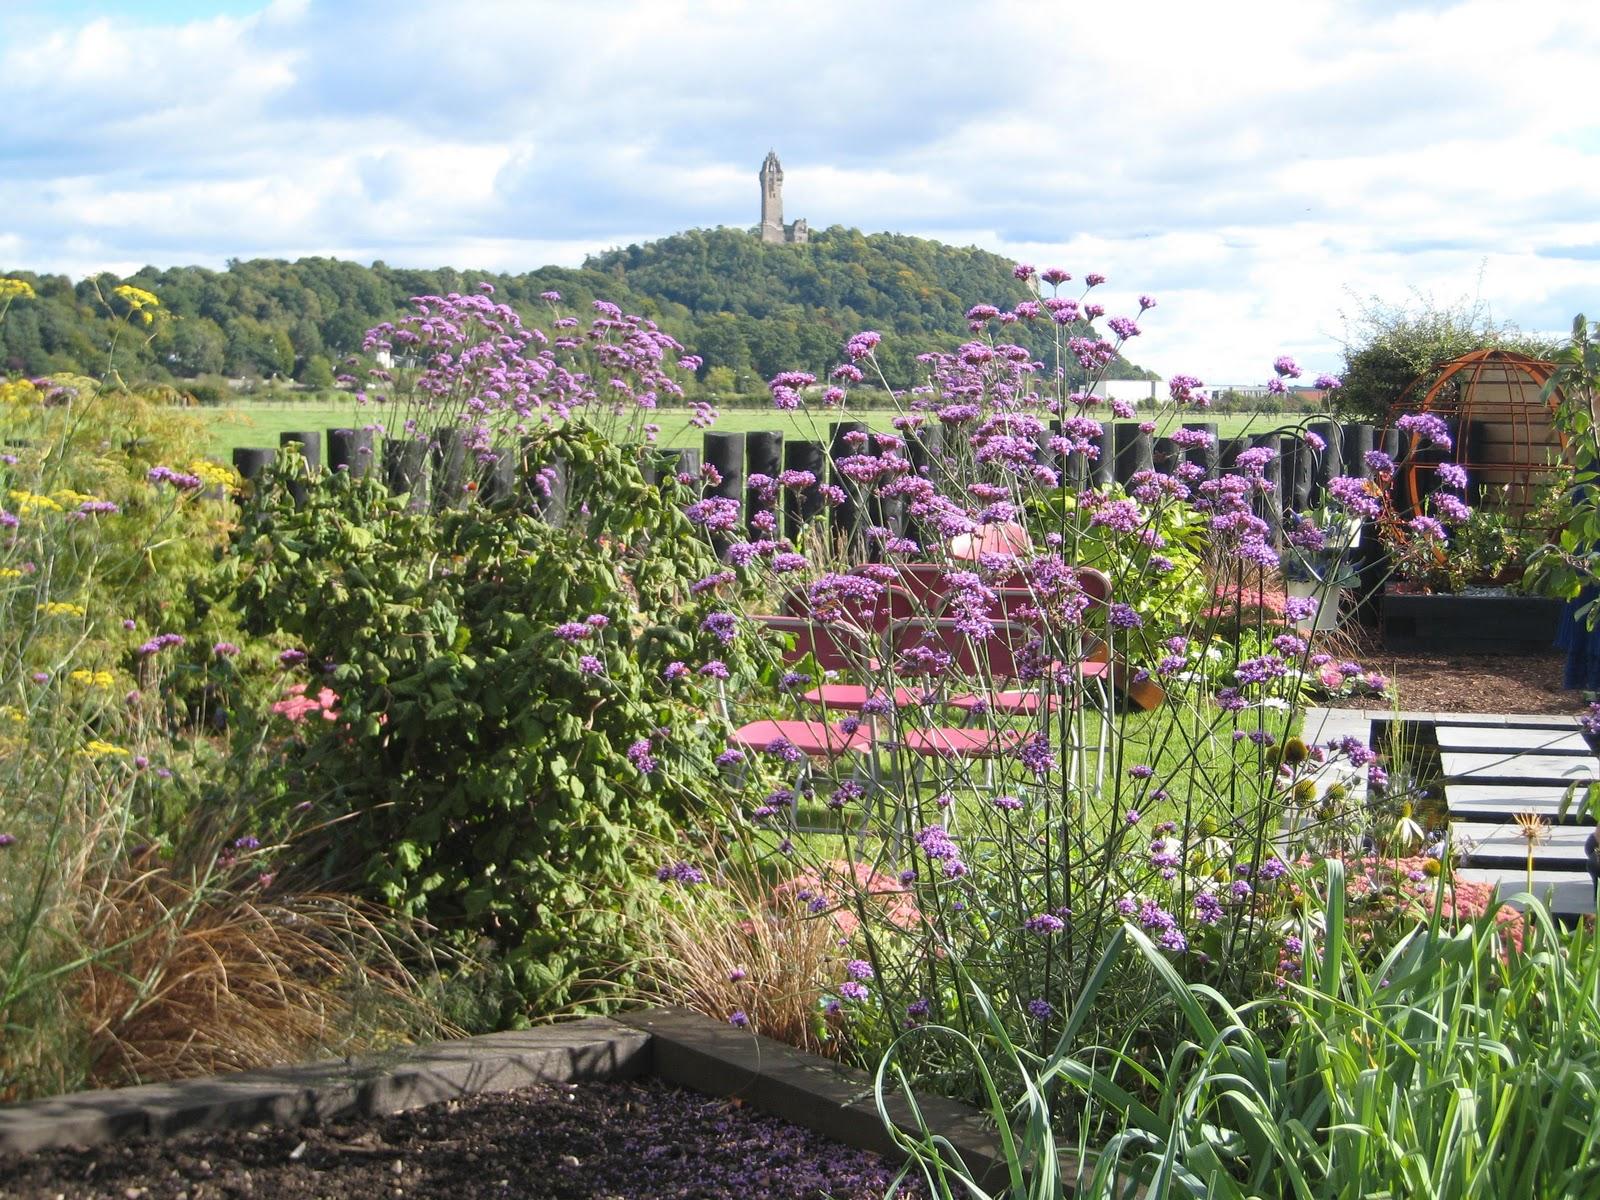 http://2.bp.blogspot.com/-Sb8o7ddN7s0/Tq0ddzoPbYI/AAAAAAAAAoQ/MtDUzSGGVKg/s1600/garden+weddingrev.jpg